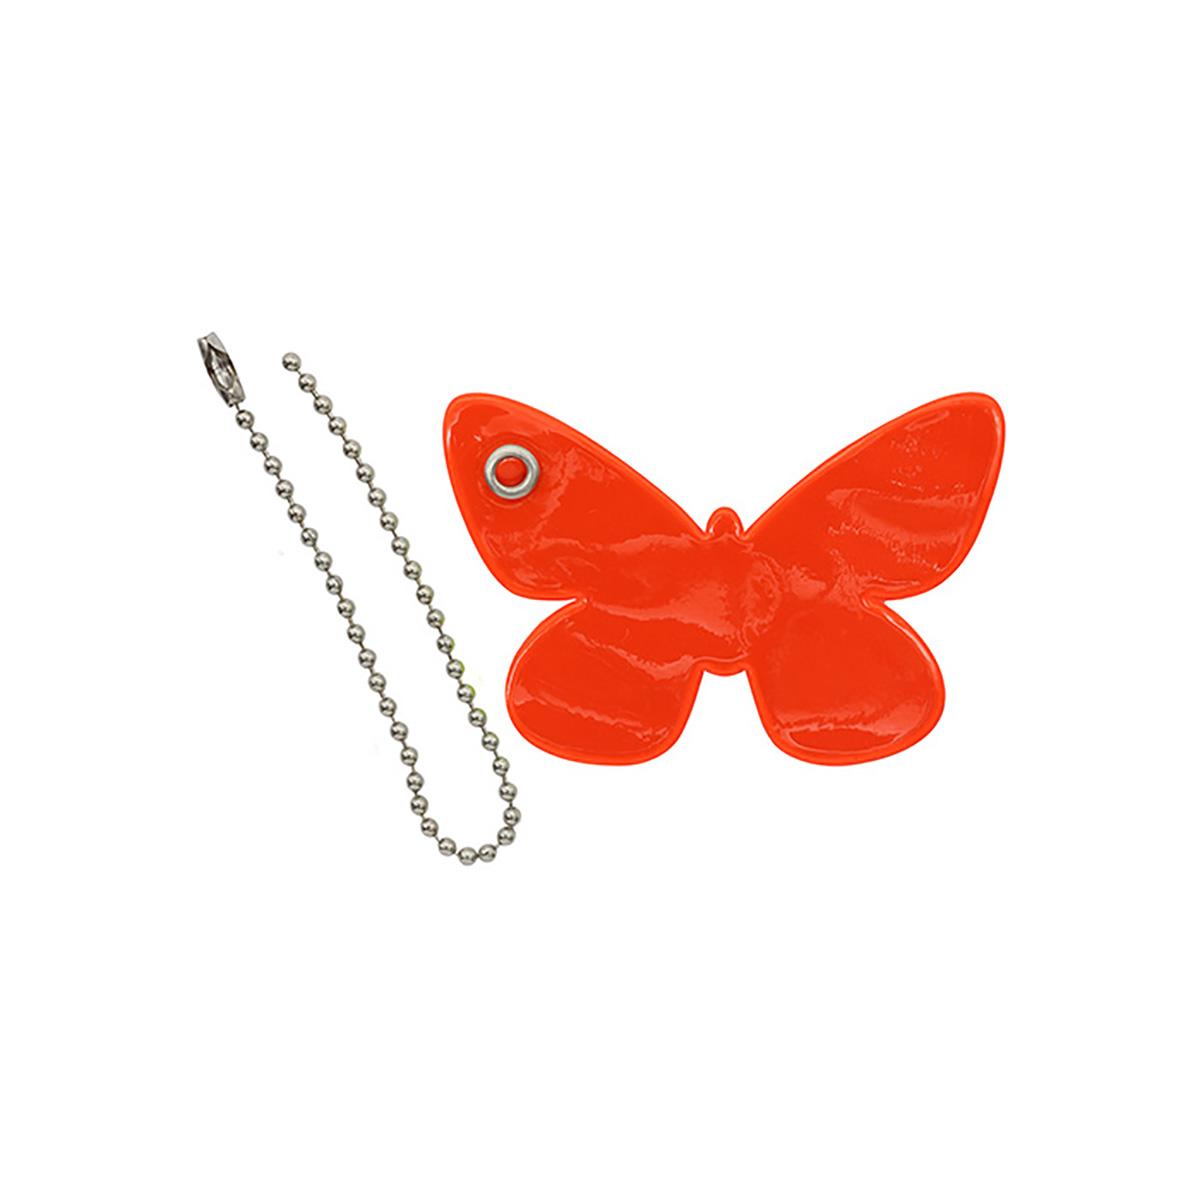 Световозвращатель подвеска 'Бабочки', ПВХ, 7 см